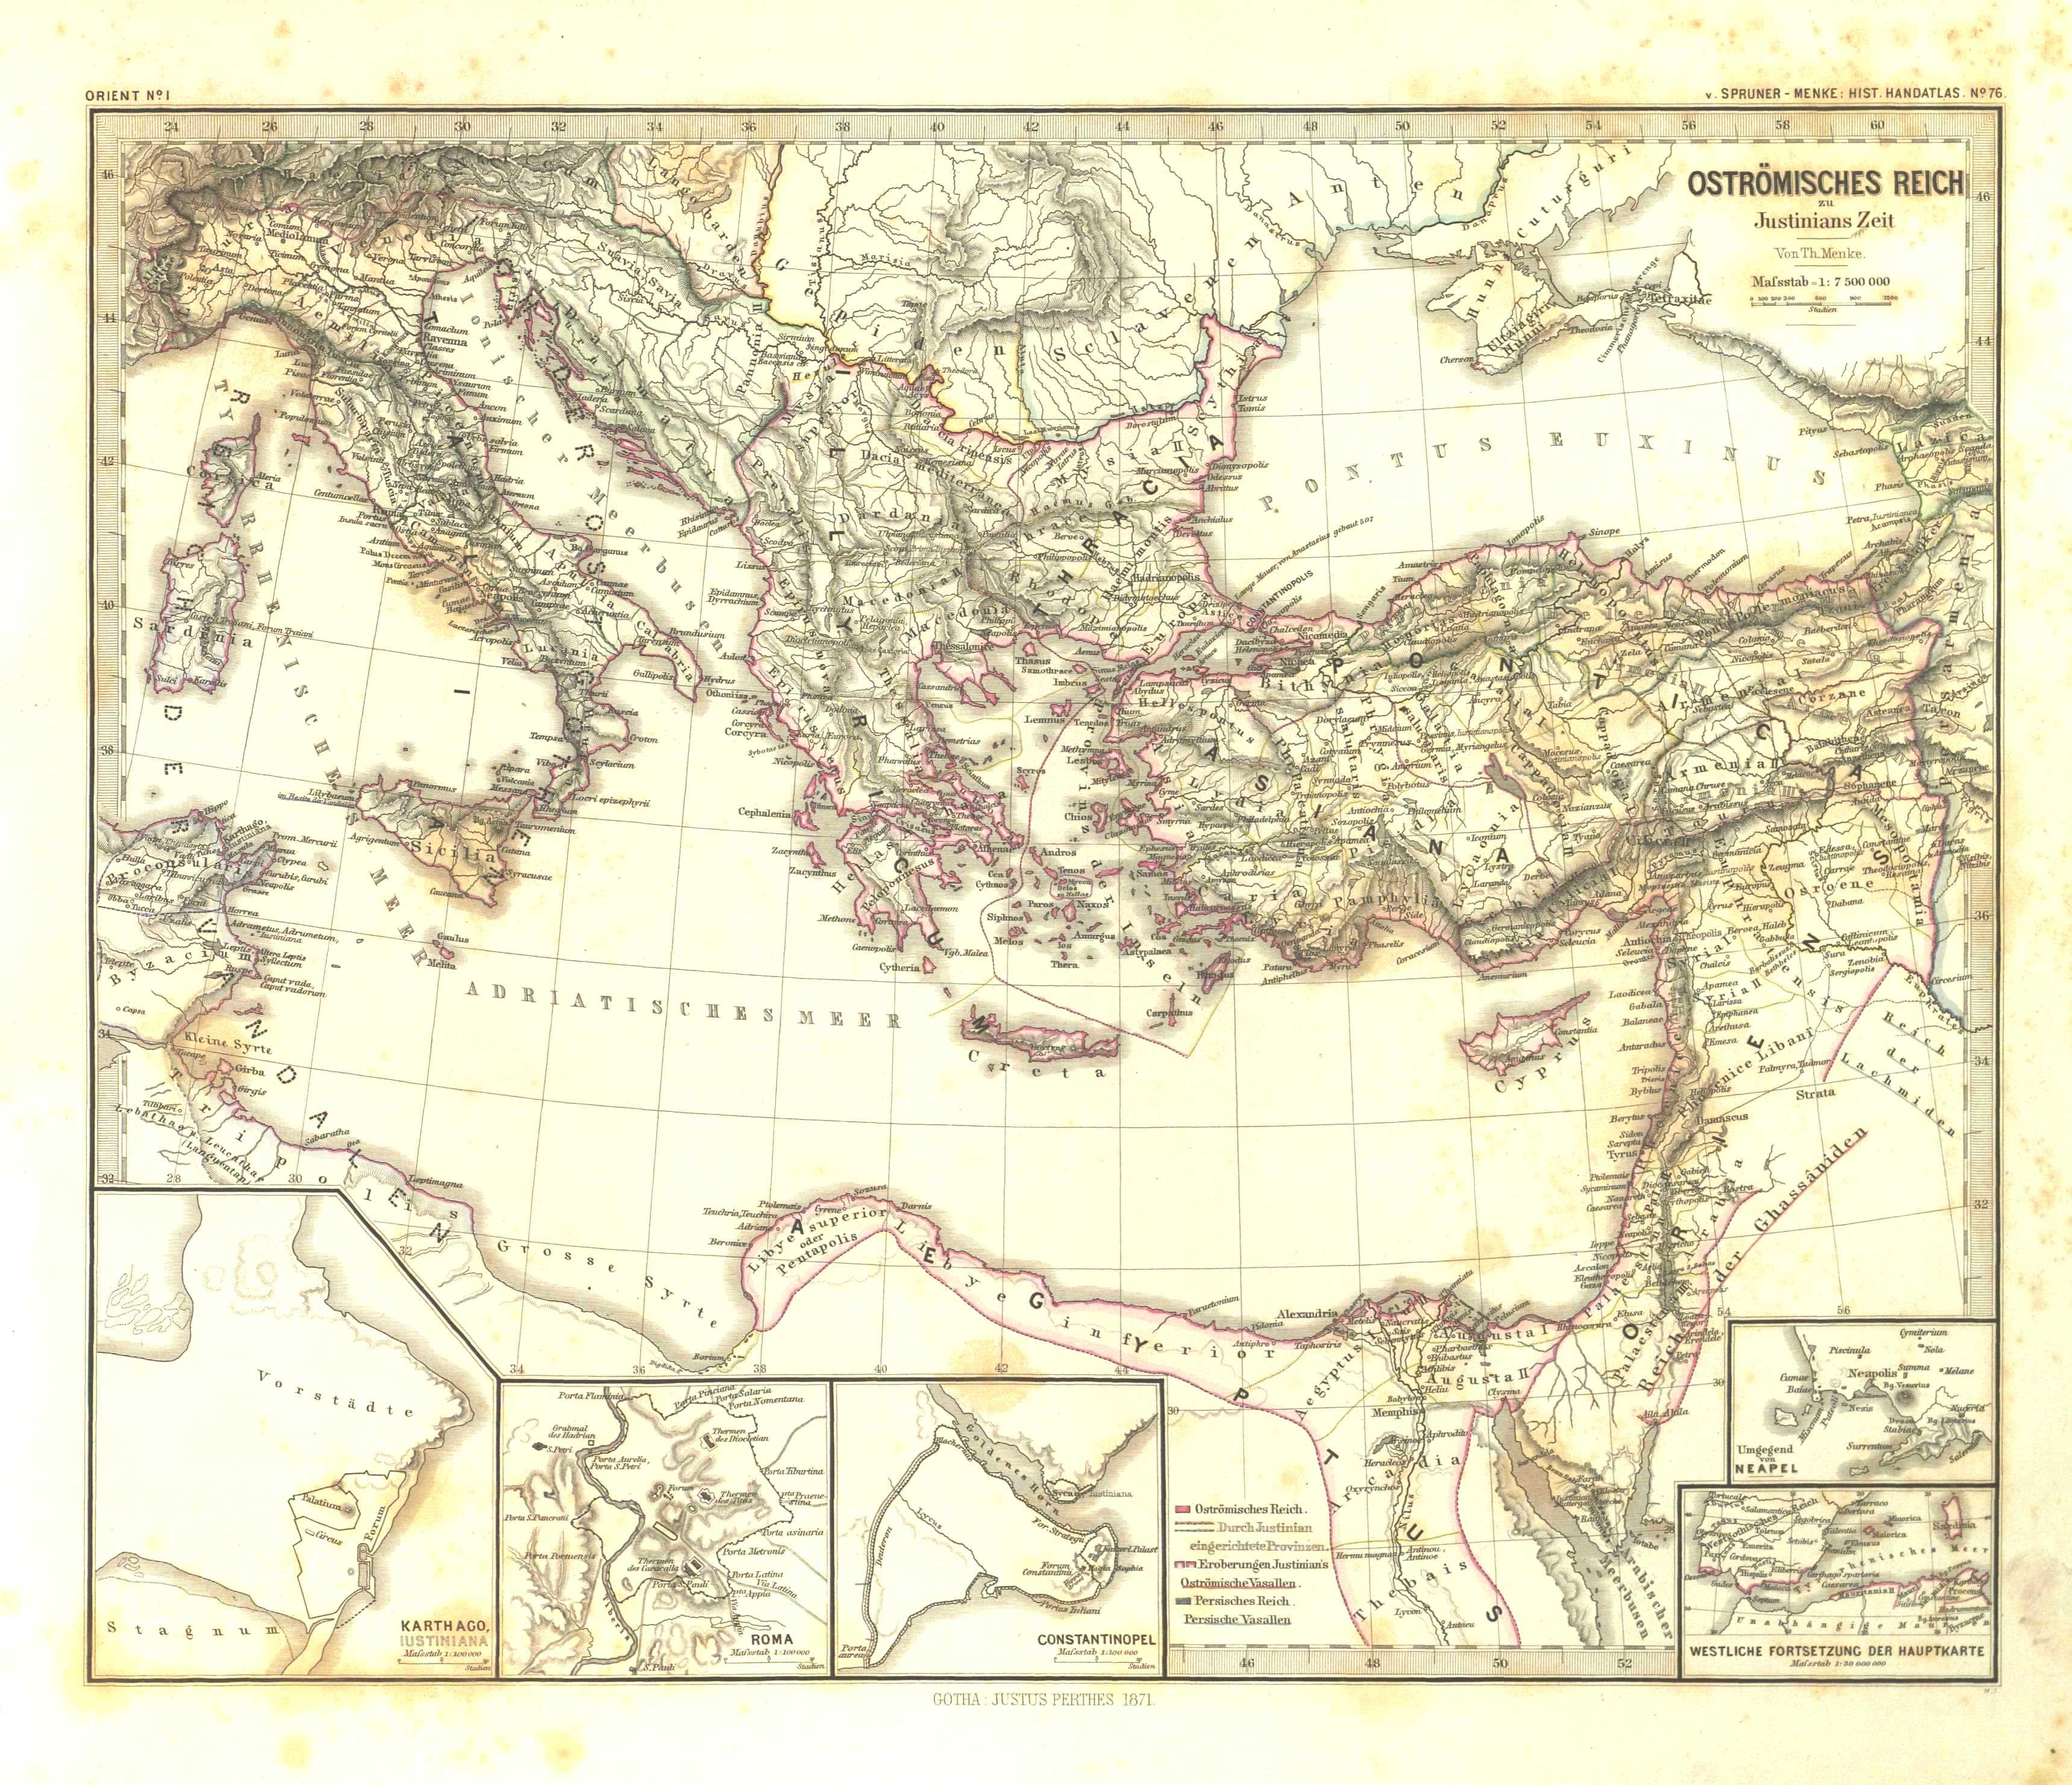 File Spruner Menke Handatlas 1880 Karte 76 Jpg Wikimedia Commons